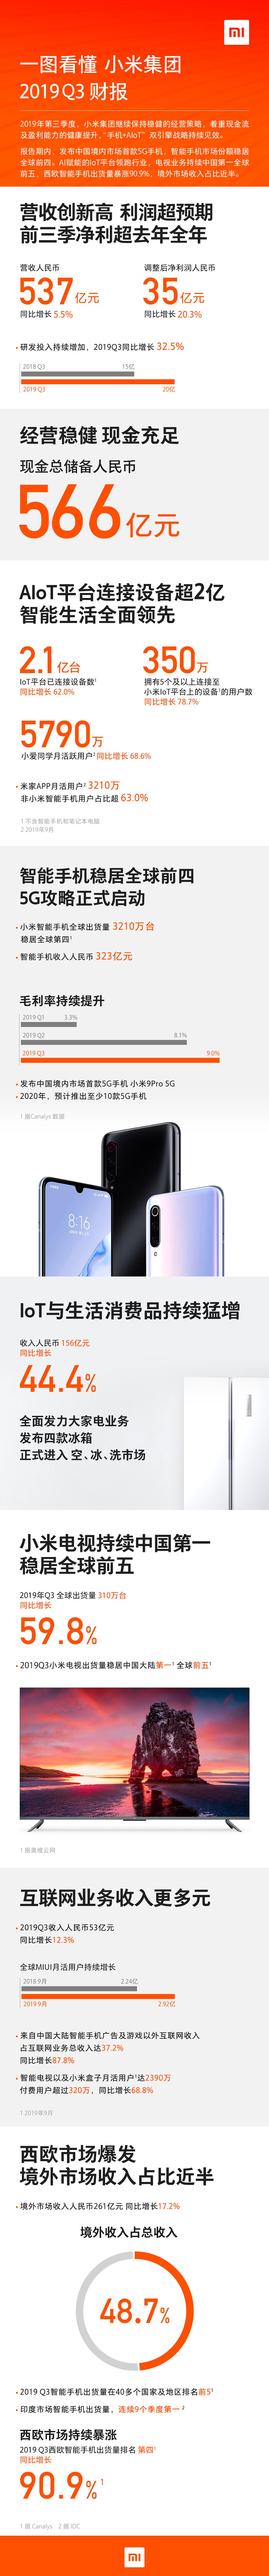 小米发布2019Q3财报,营收537亿创新高,前三季度净利超去年全年